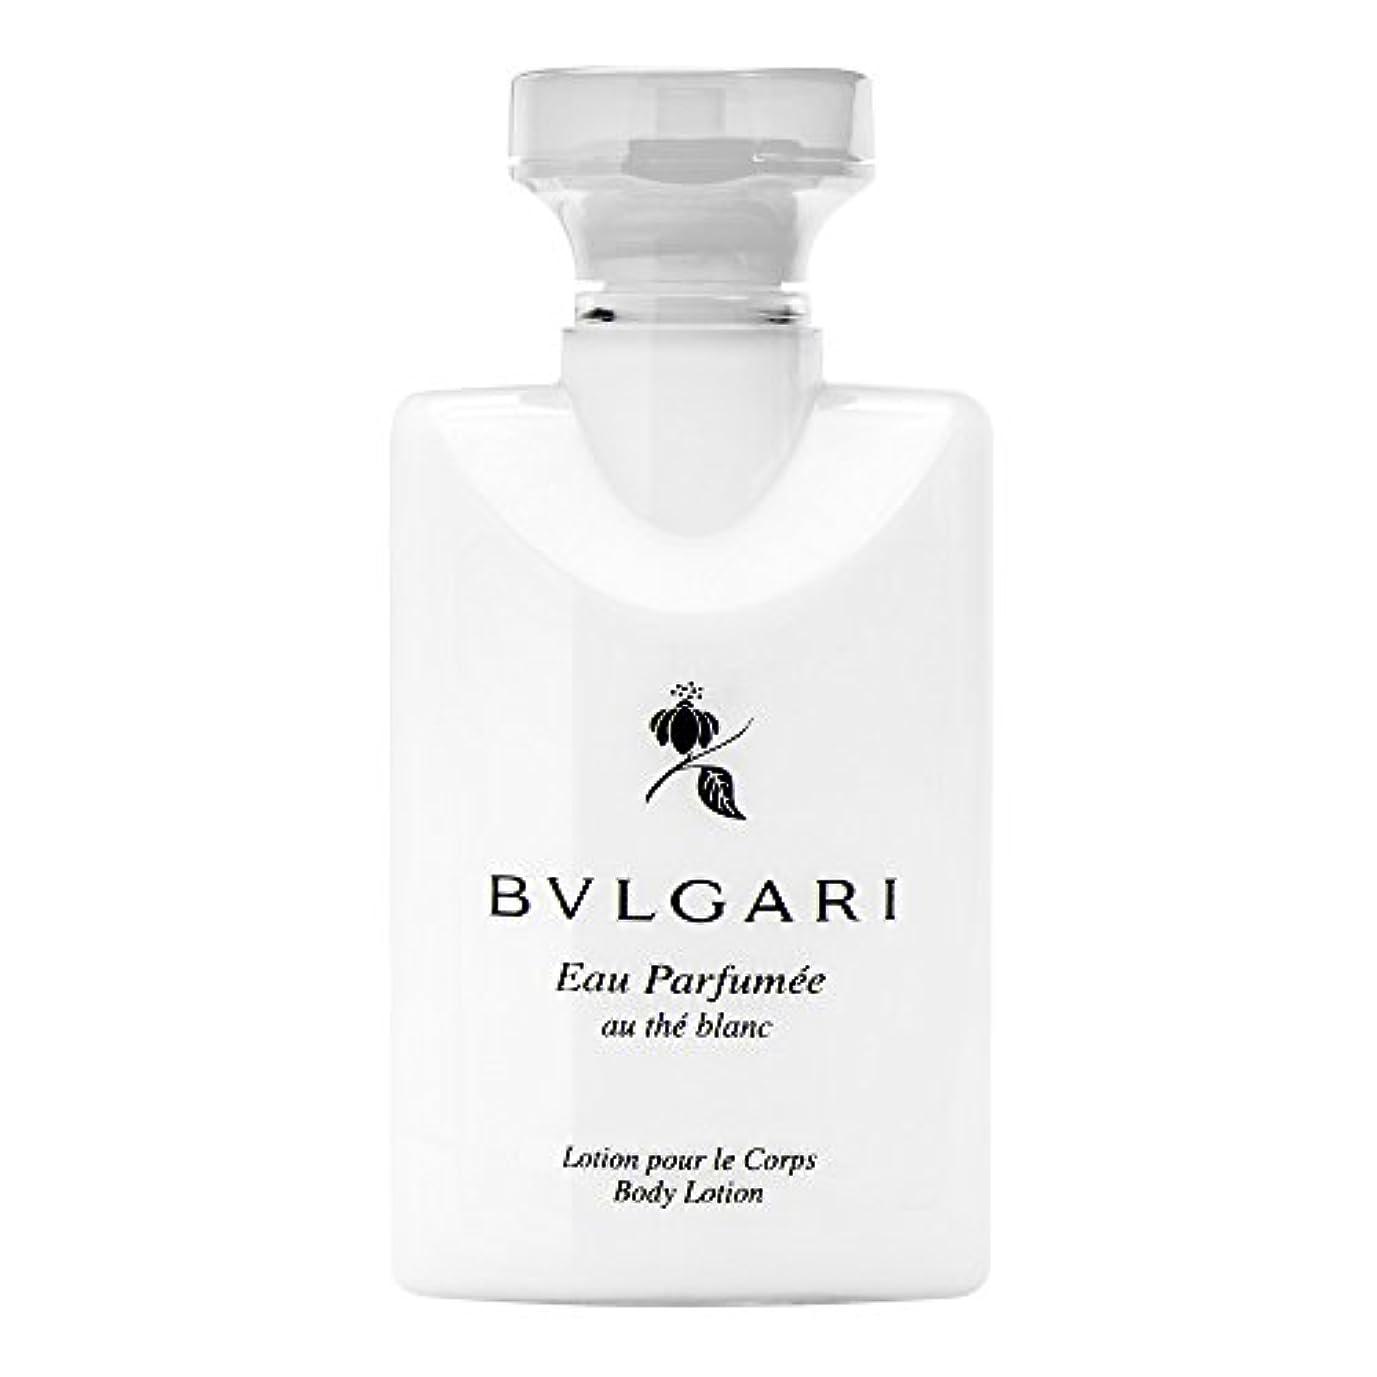 メンタル数学的な個人的なBvlgari Eau Parfumee Au The Blanc (ブルガリ オー パフュ-メ オウ ブラン) 2.5 oz (75ml) Body Lotion ボディーローション